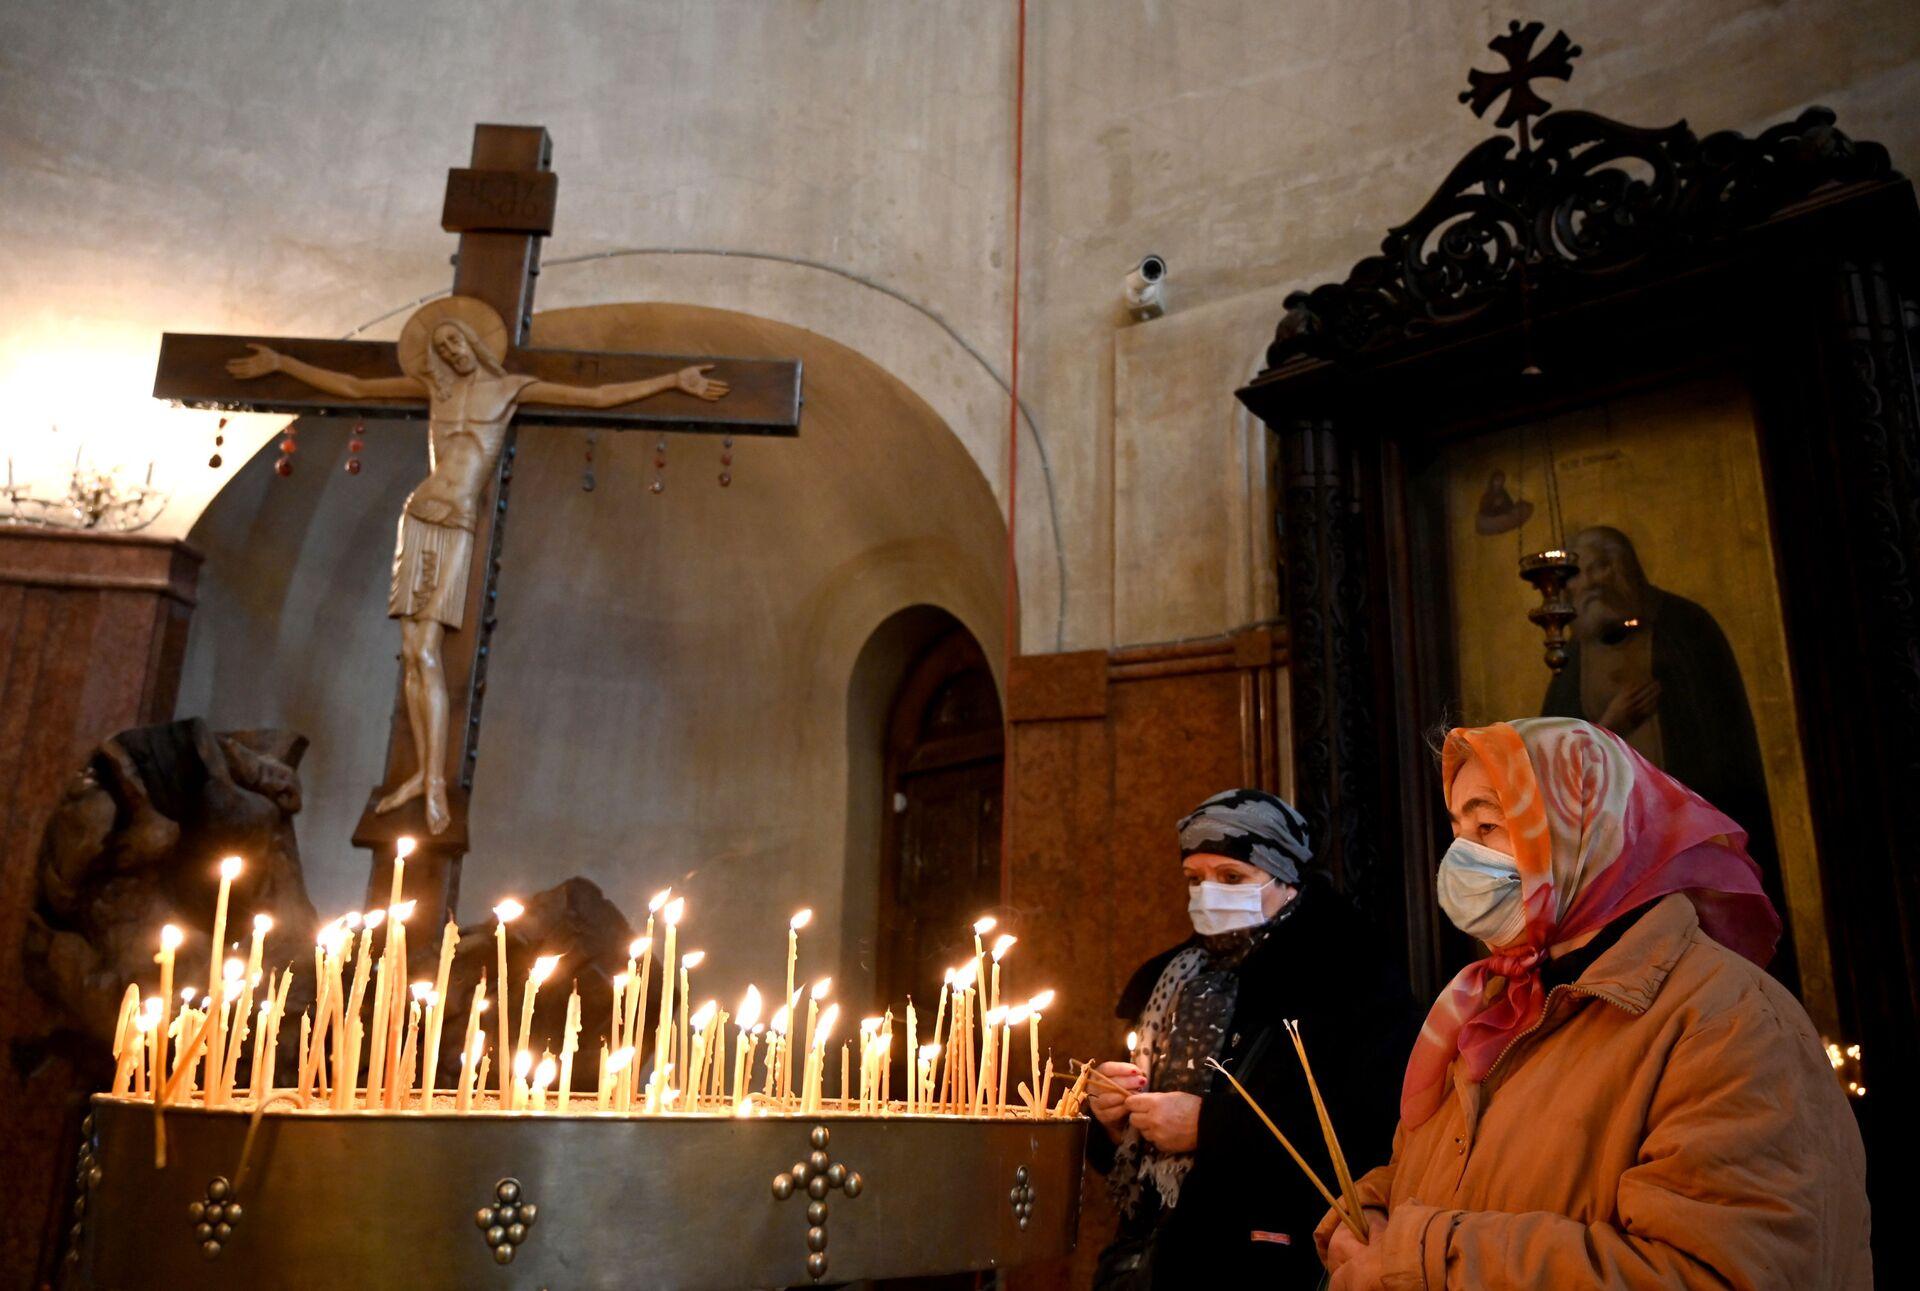 Эпидемия коронавируса. Церковная служба. Верующие в масках - Sputnik Грузия, 1920, 24.08.2021